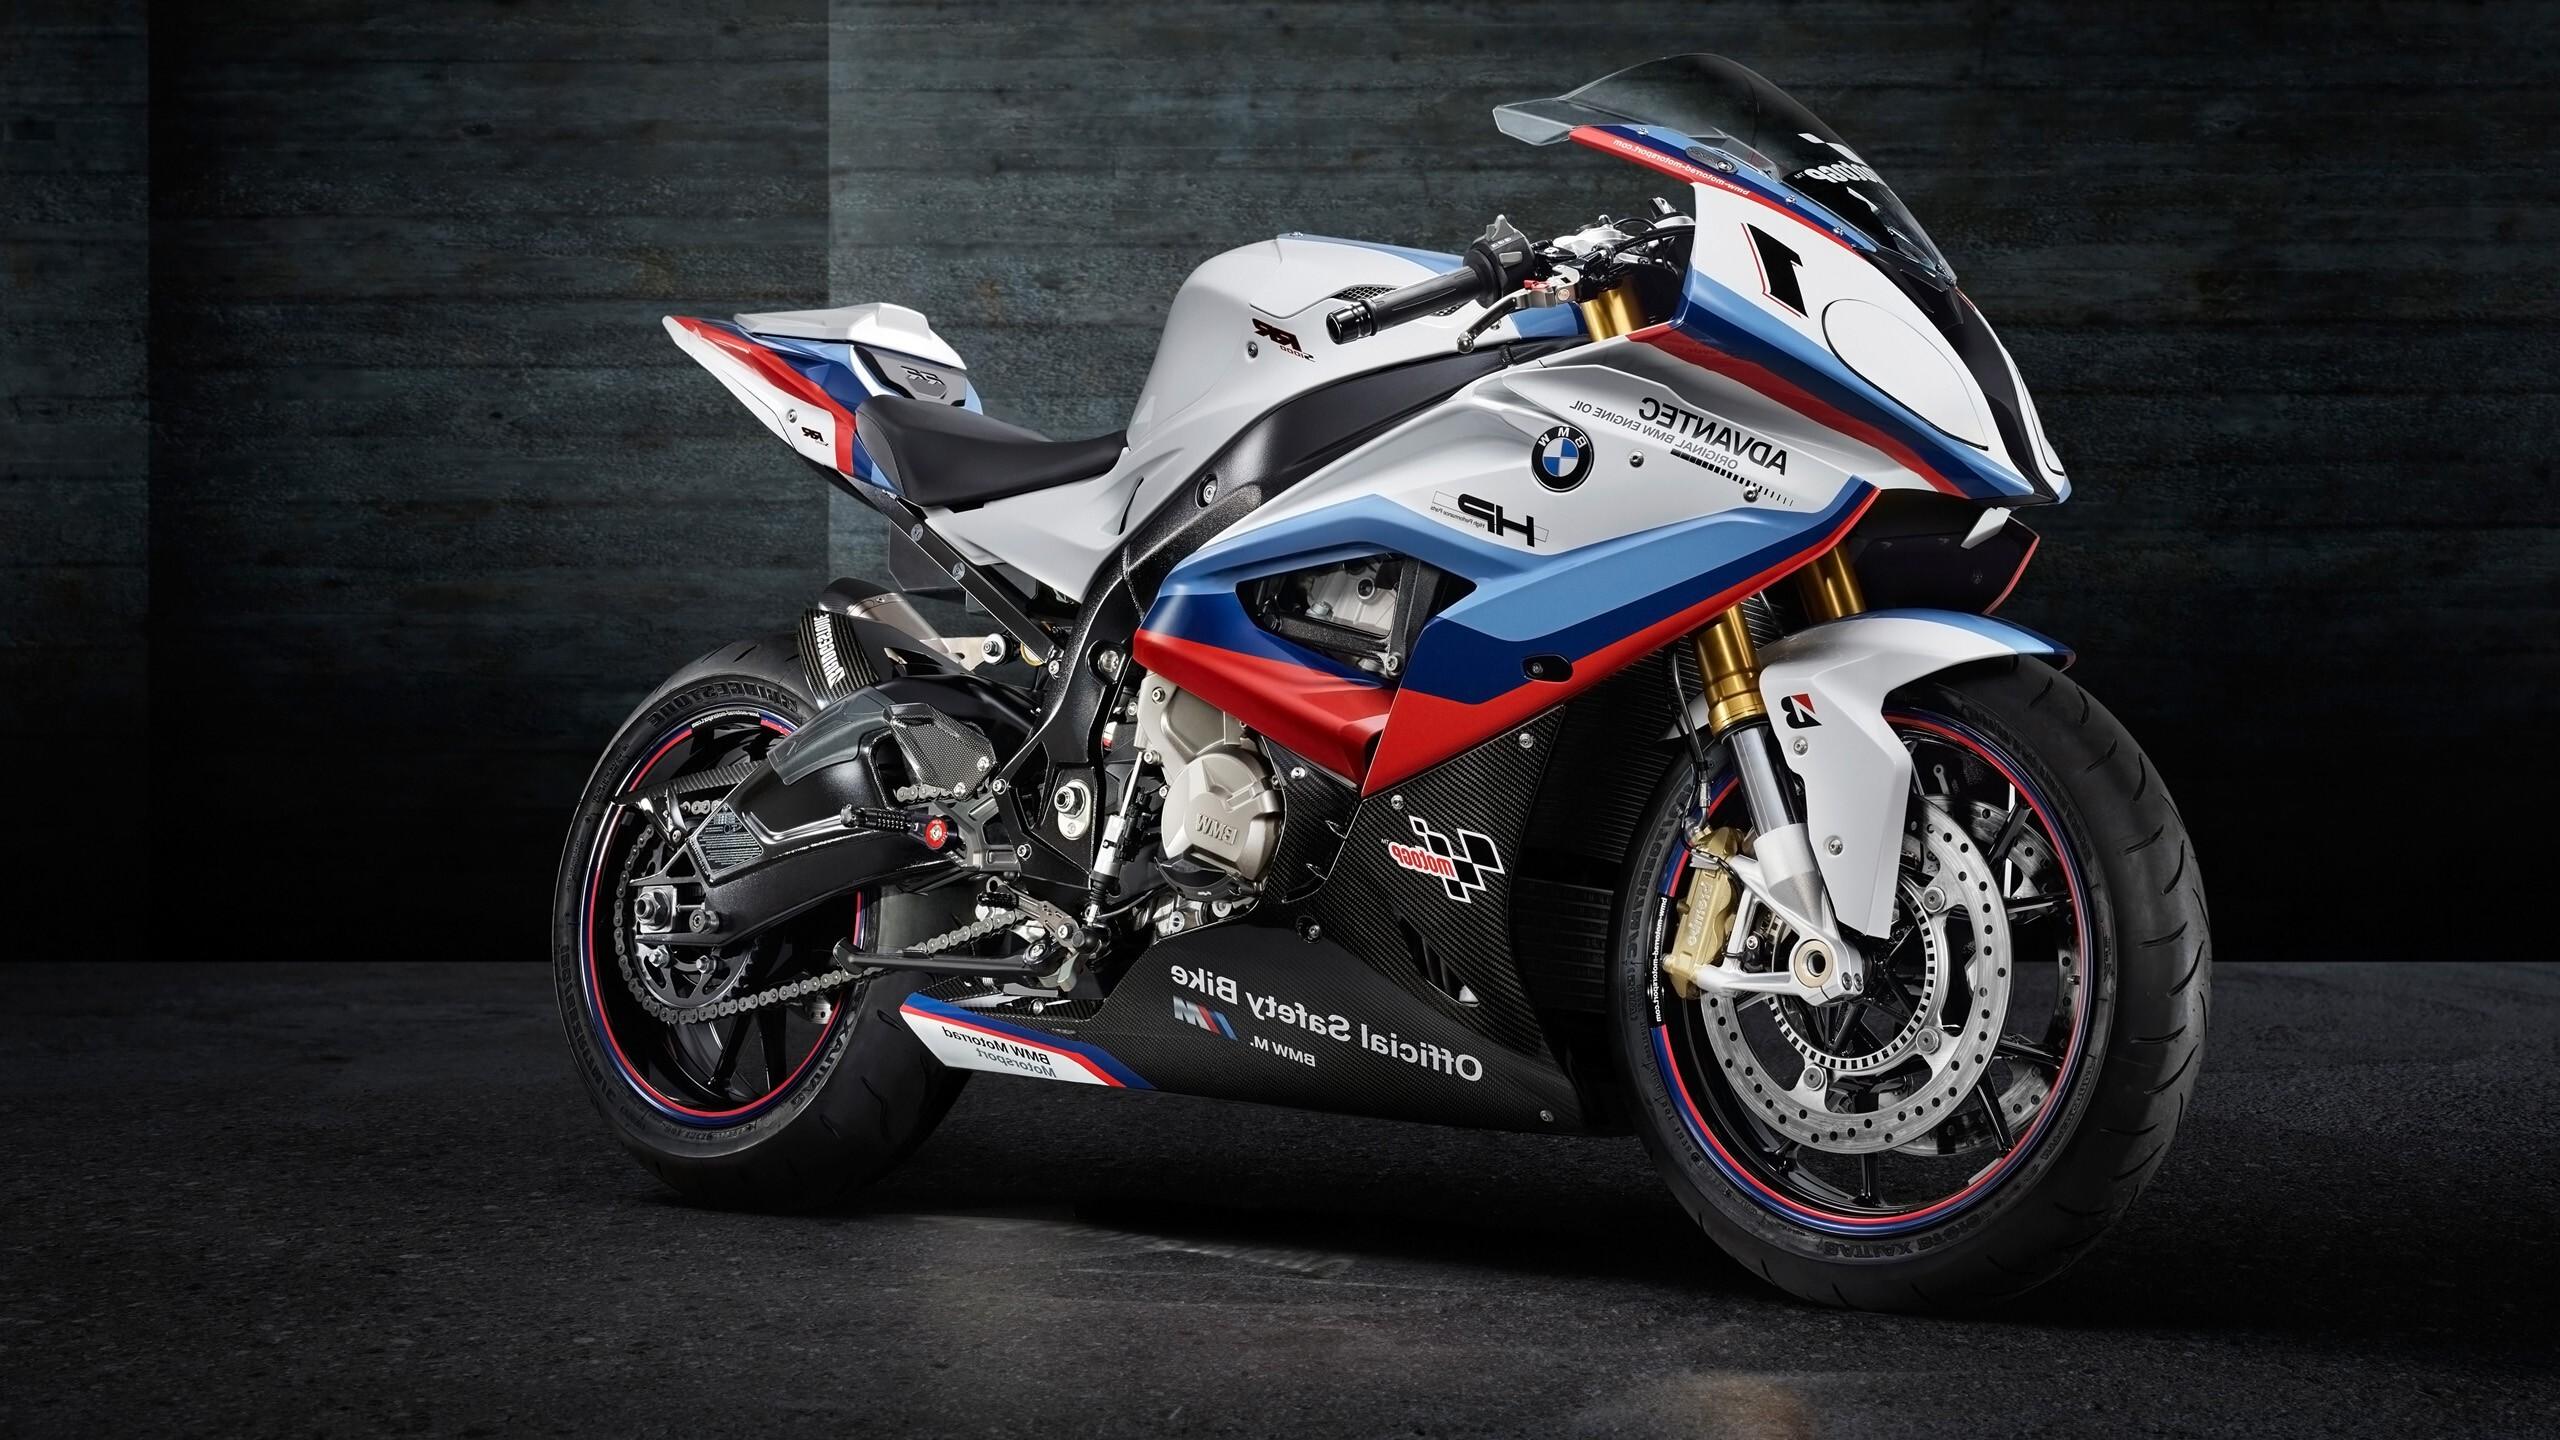 2560x1440 BMW M4 MotoGP Safety Bike 1440P Resolution HD 4k ...